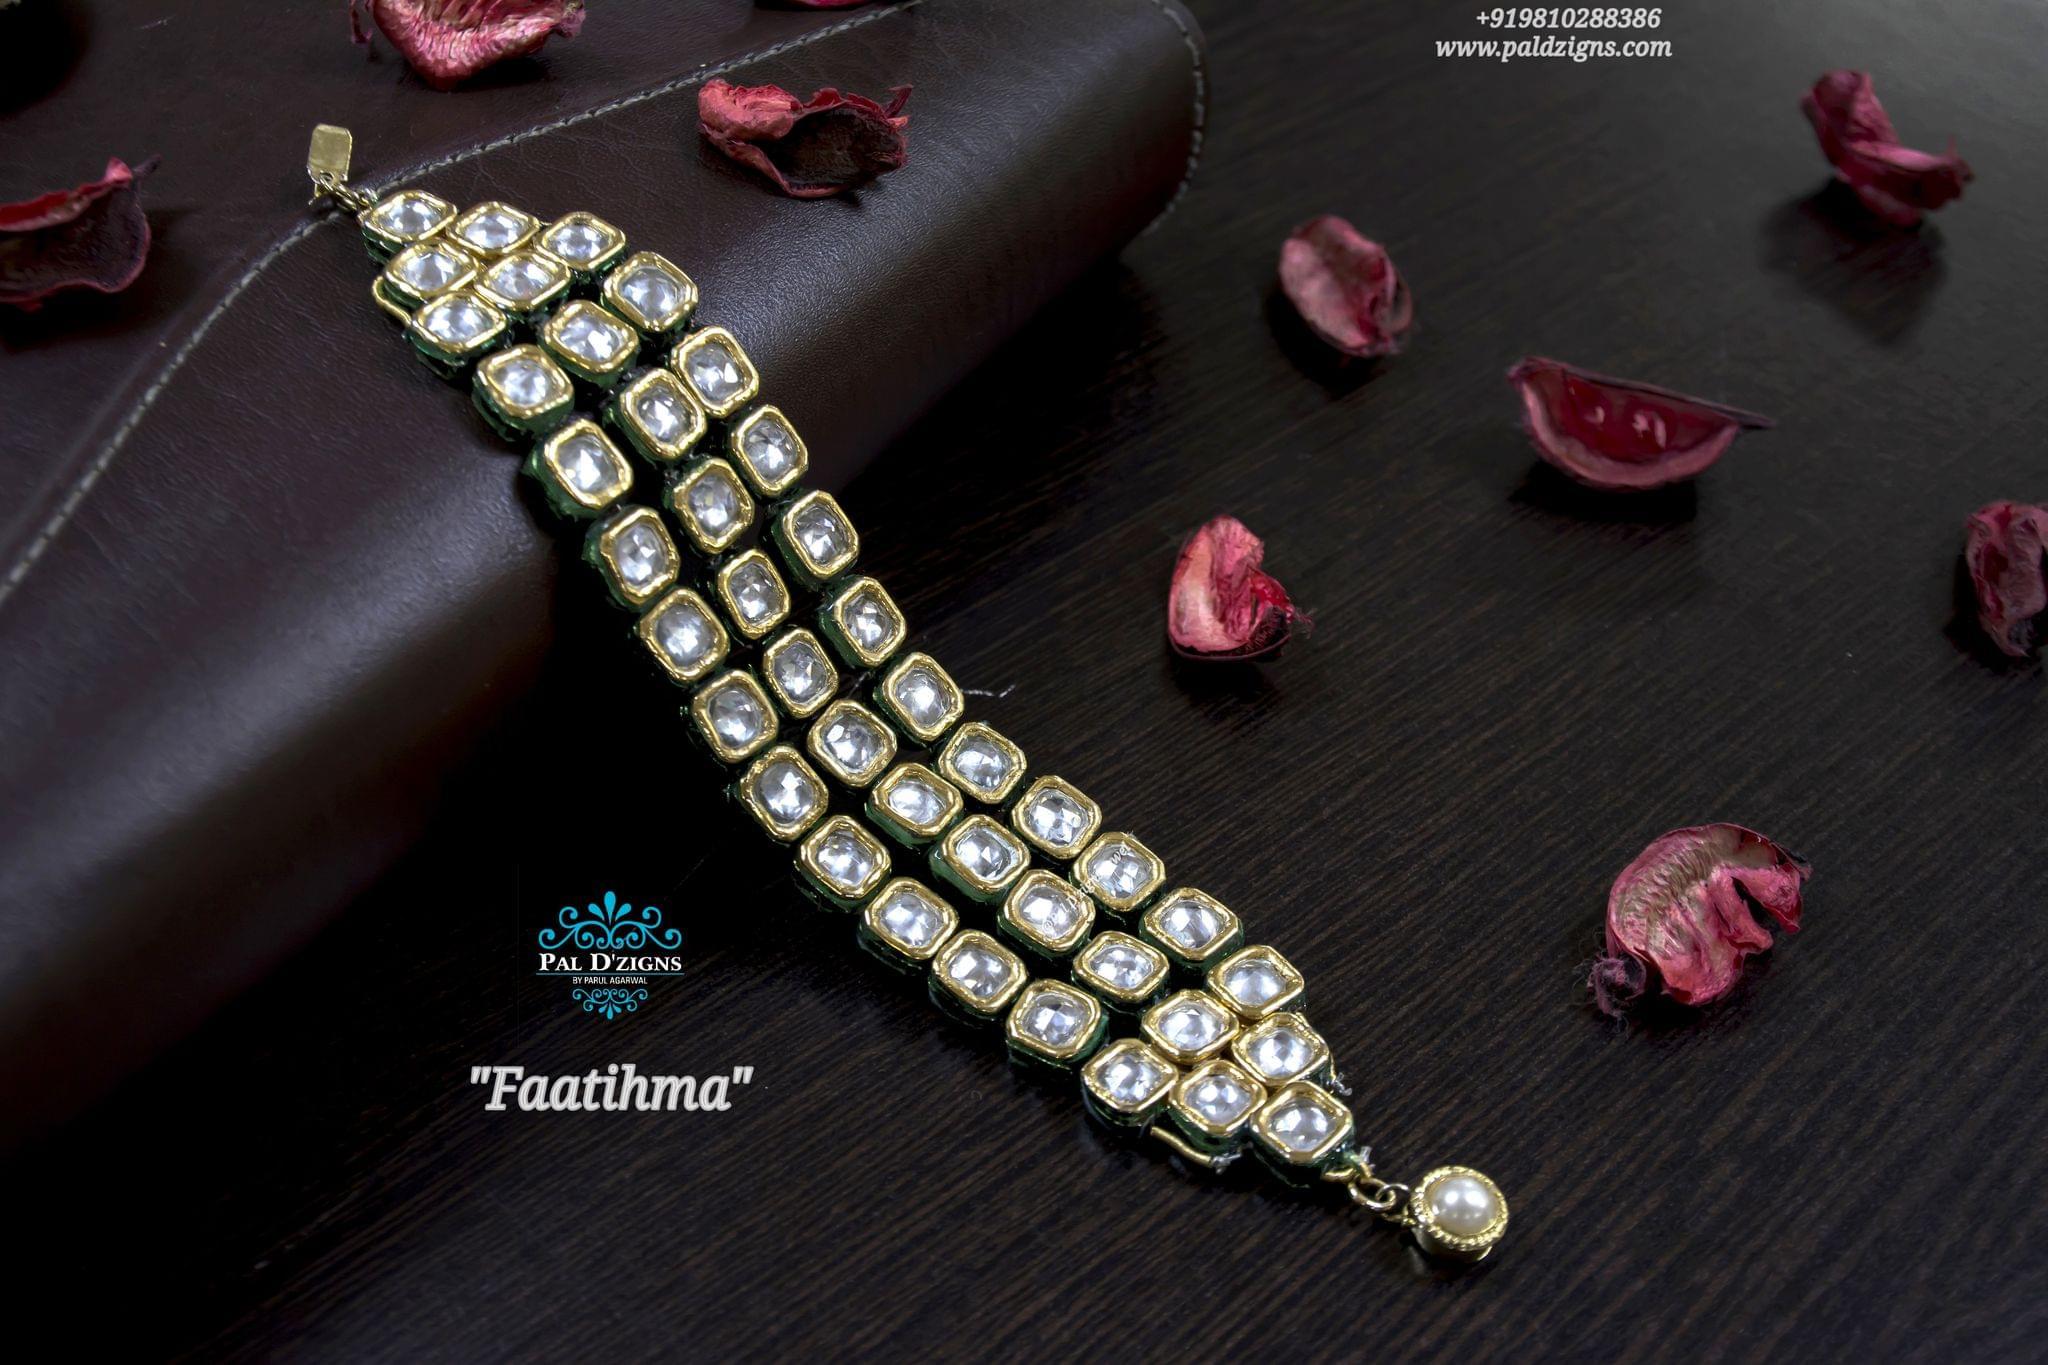 Faatihma kundan bracelet